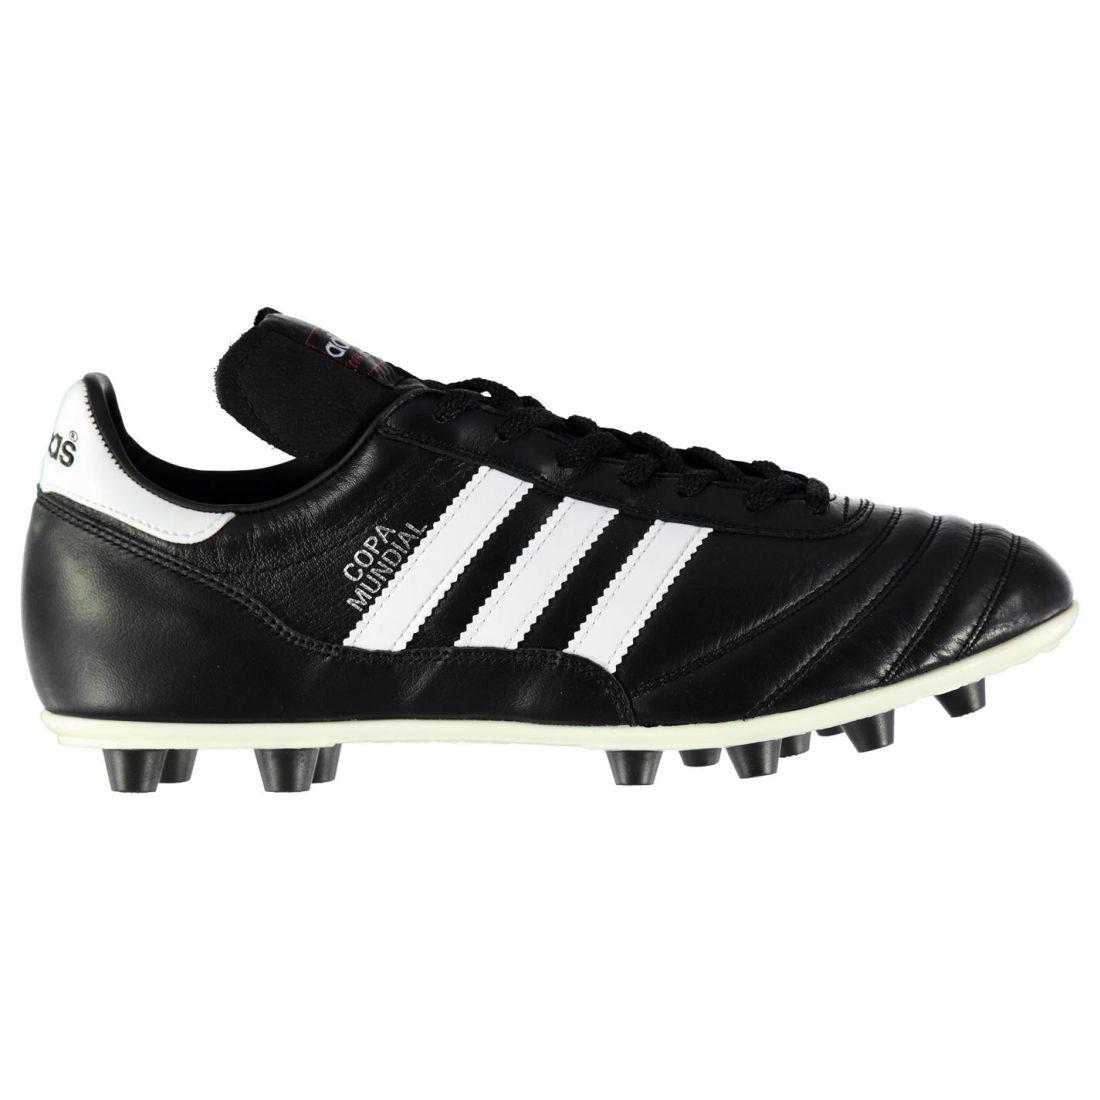 Adidas para hombre Copa Mundial Fg botas De Fútbol Entrenamiento Zapatos con cordones sport